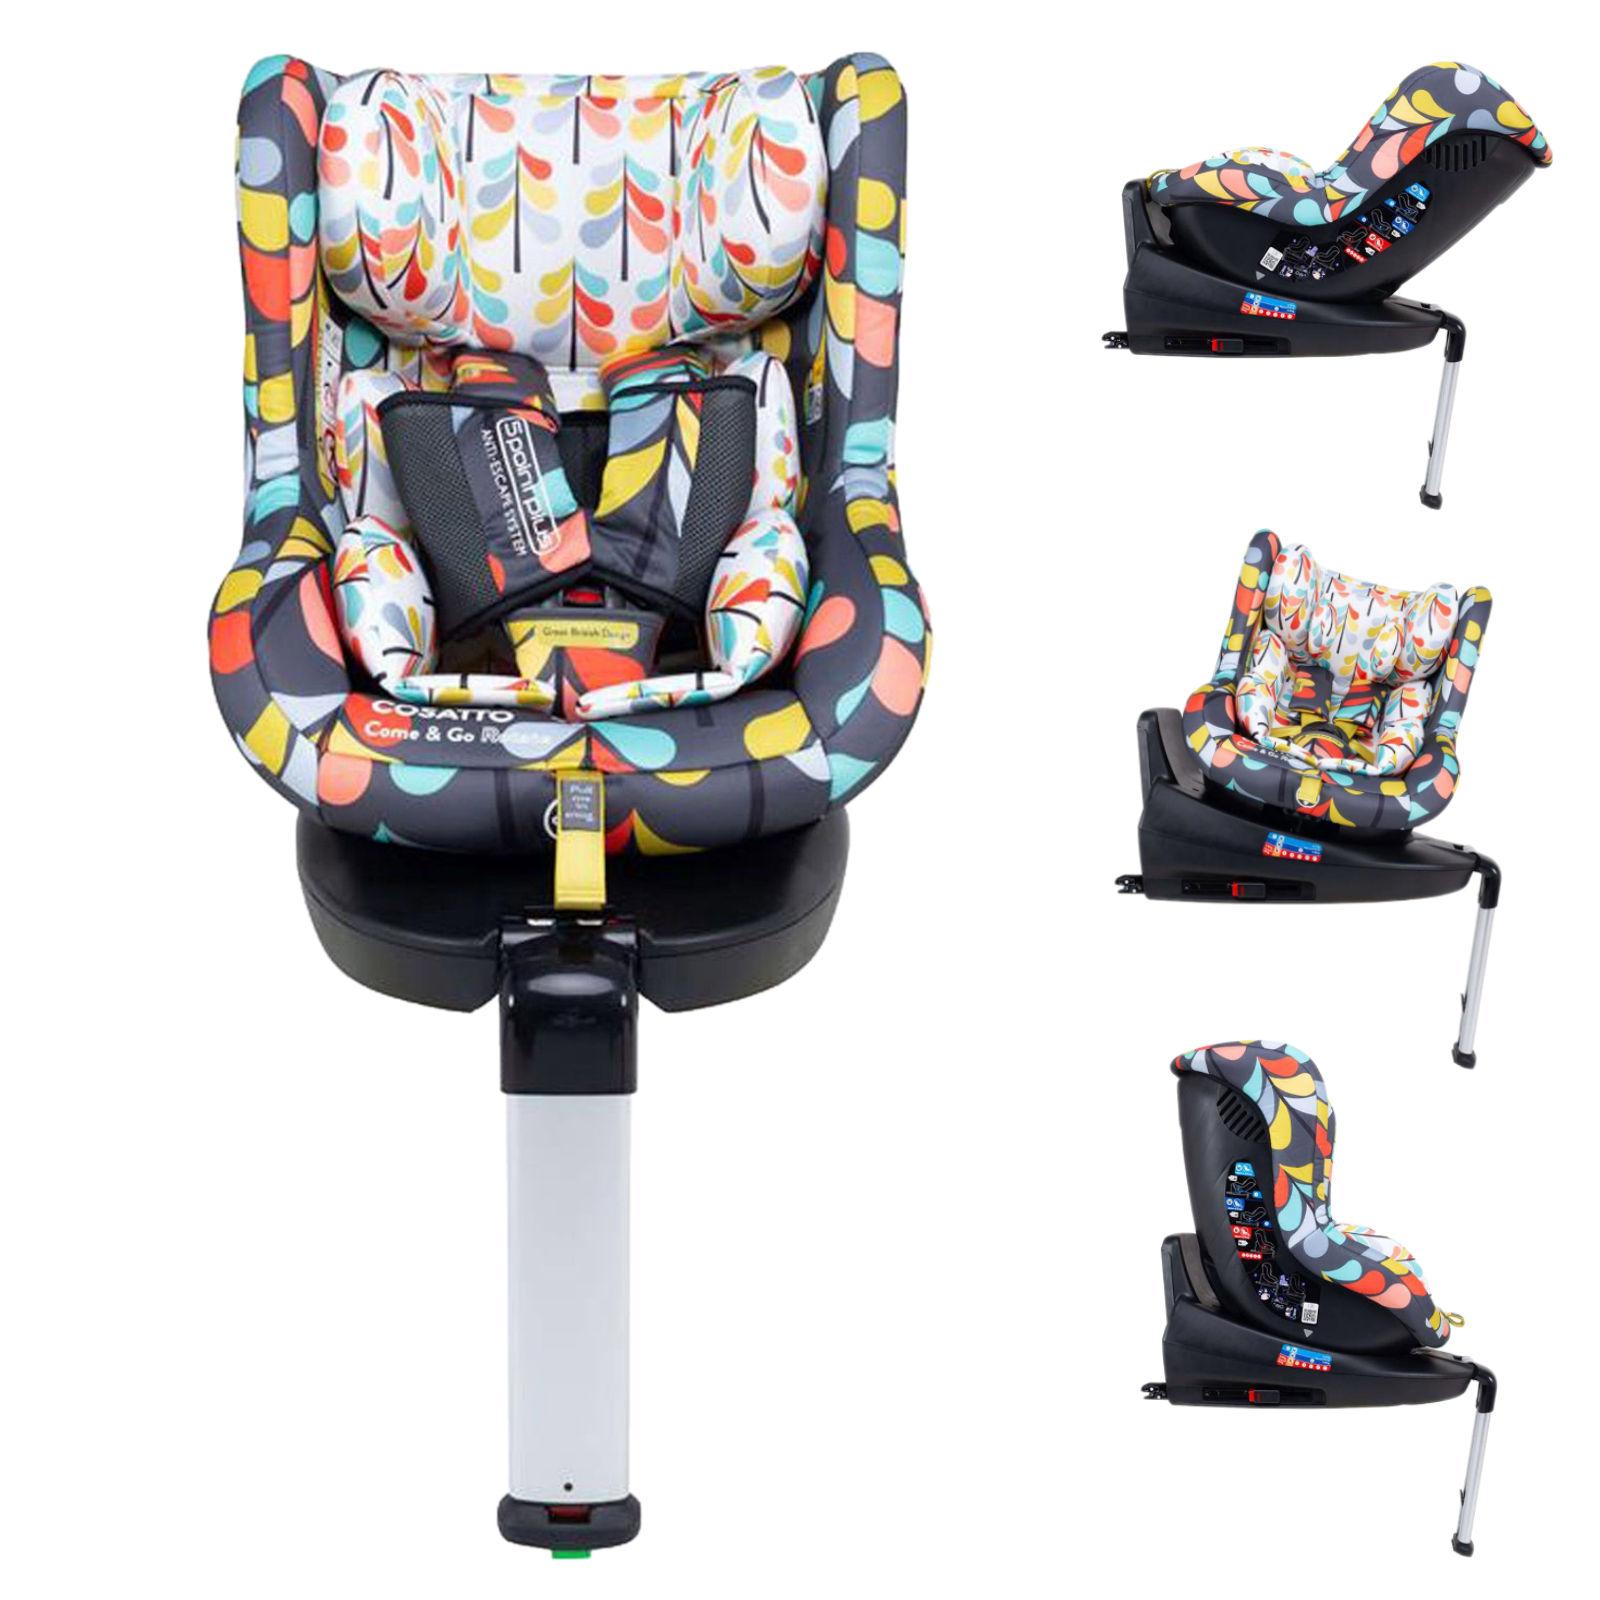 Cosatto Come & Go 360 Rotate Group 0+/1 Car Seat - Nordik